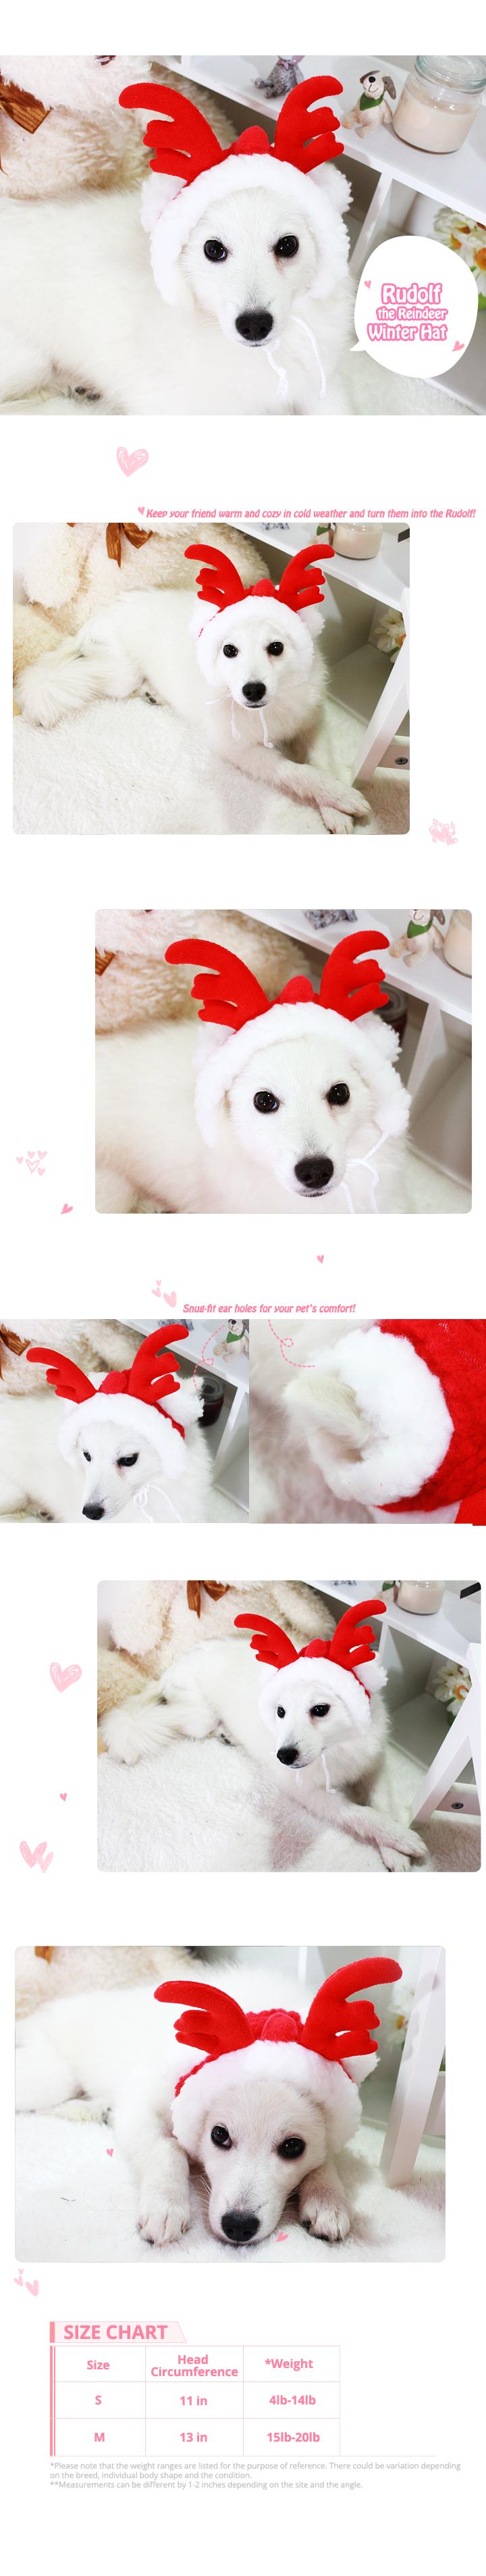 rudolf-the-reindeer-winter-hat.png